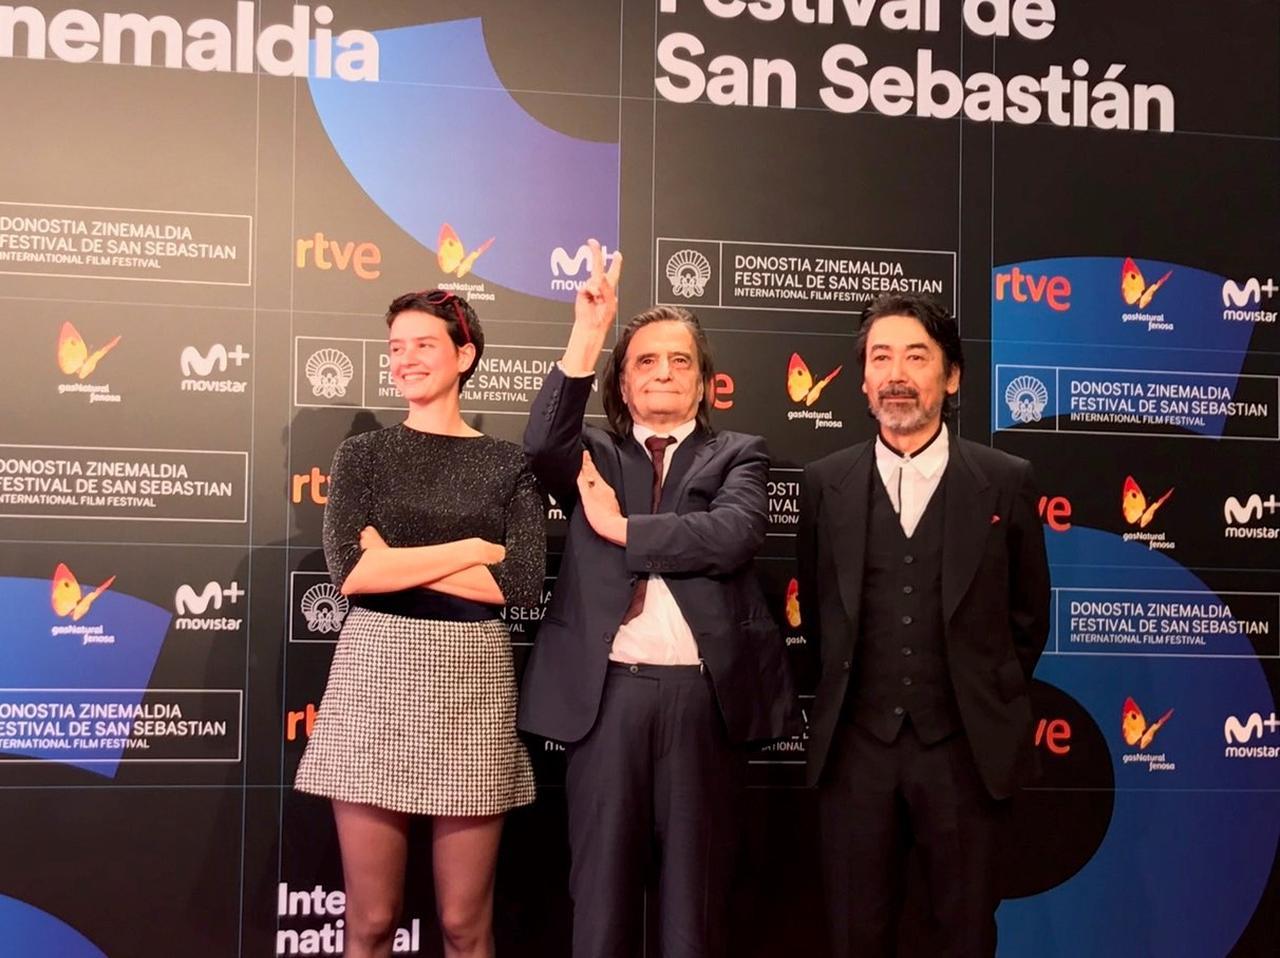 画像: 右より諏訪敦彦監督、ジャン= ピエール・レオー、ポーリーヌ・エチエンヌ サン・セバスチャン国際映画祭